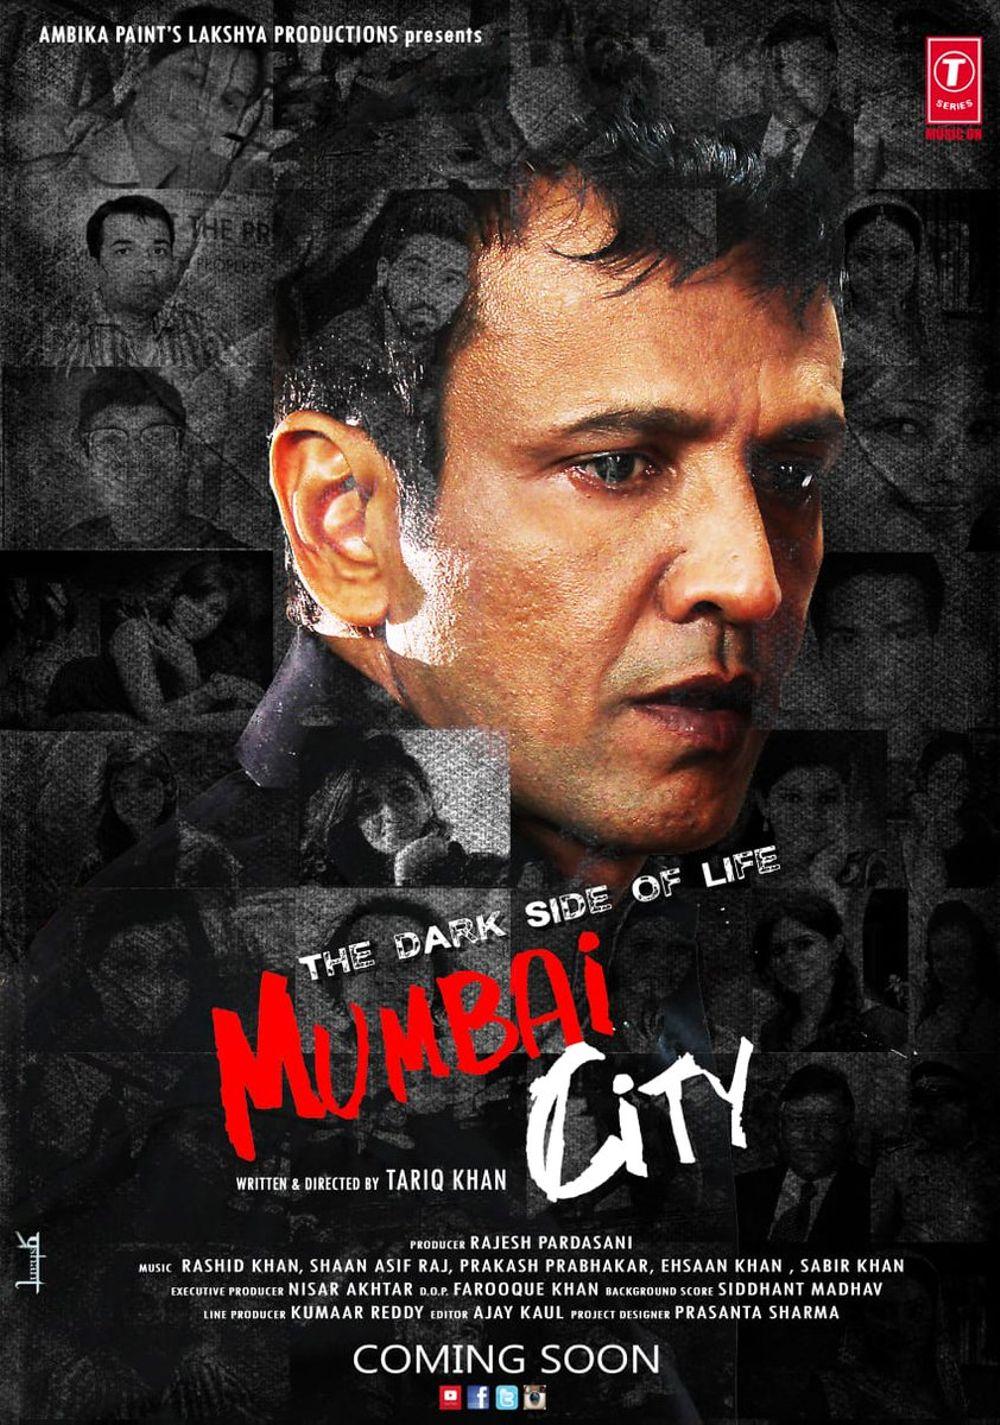 The Dark Side Of Life: Mumbai City Movie Review